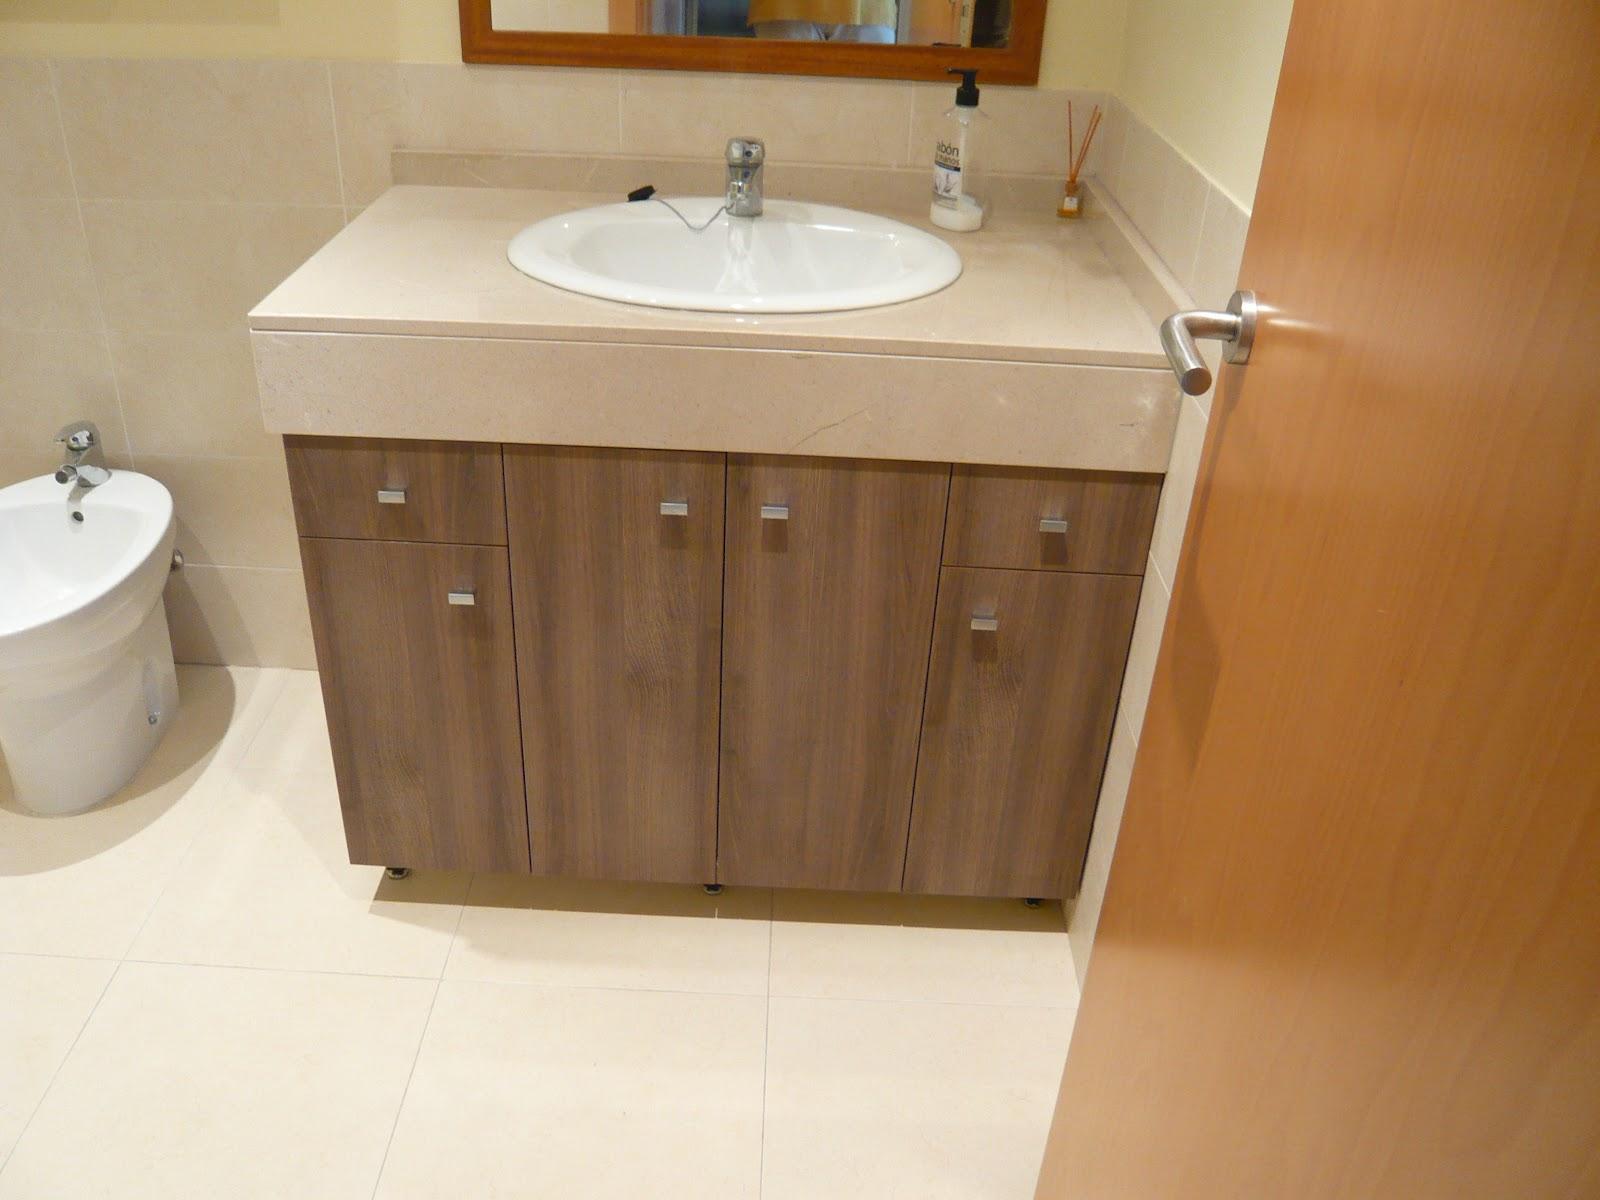 Reuscuina muebles de lavabo bajo encimera - Encimeras de lavabo de resina ...